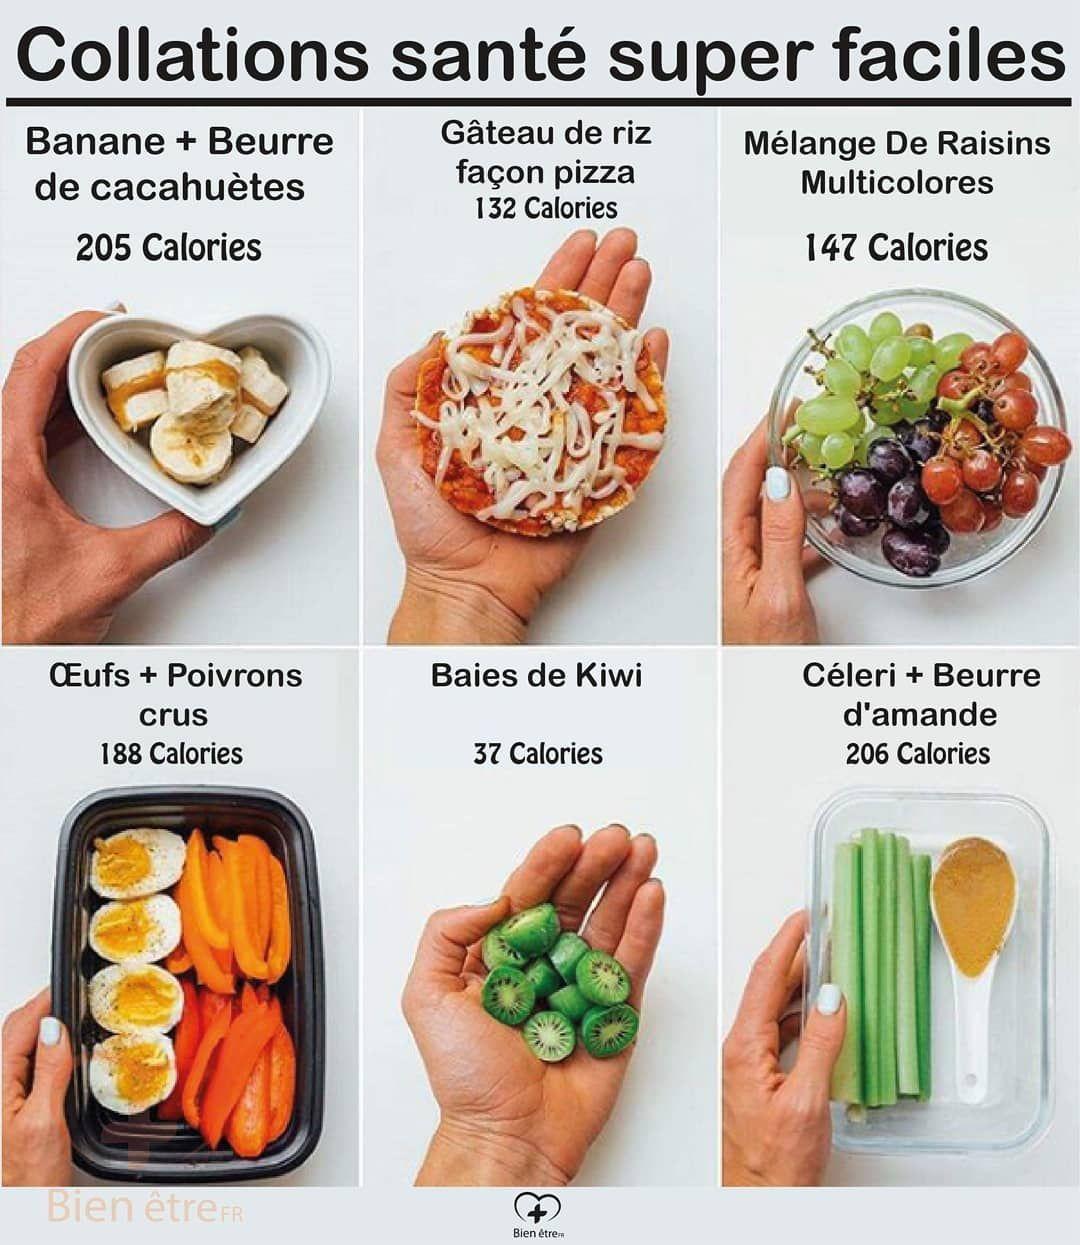 meilleures façons saines de perdre du poids 5 perte de graisse en 6 semaines